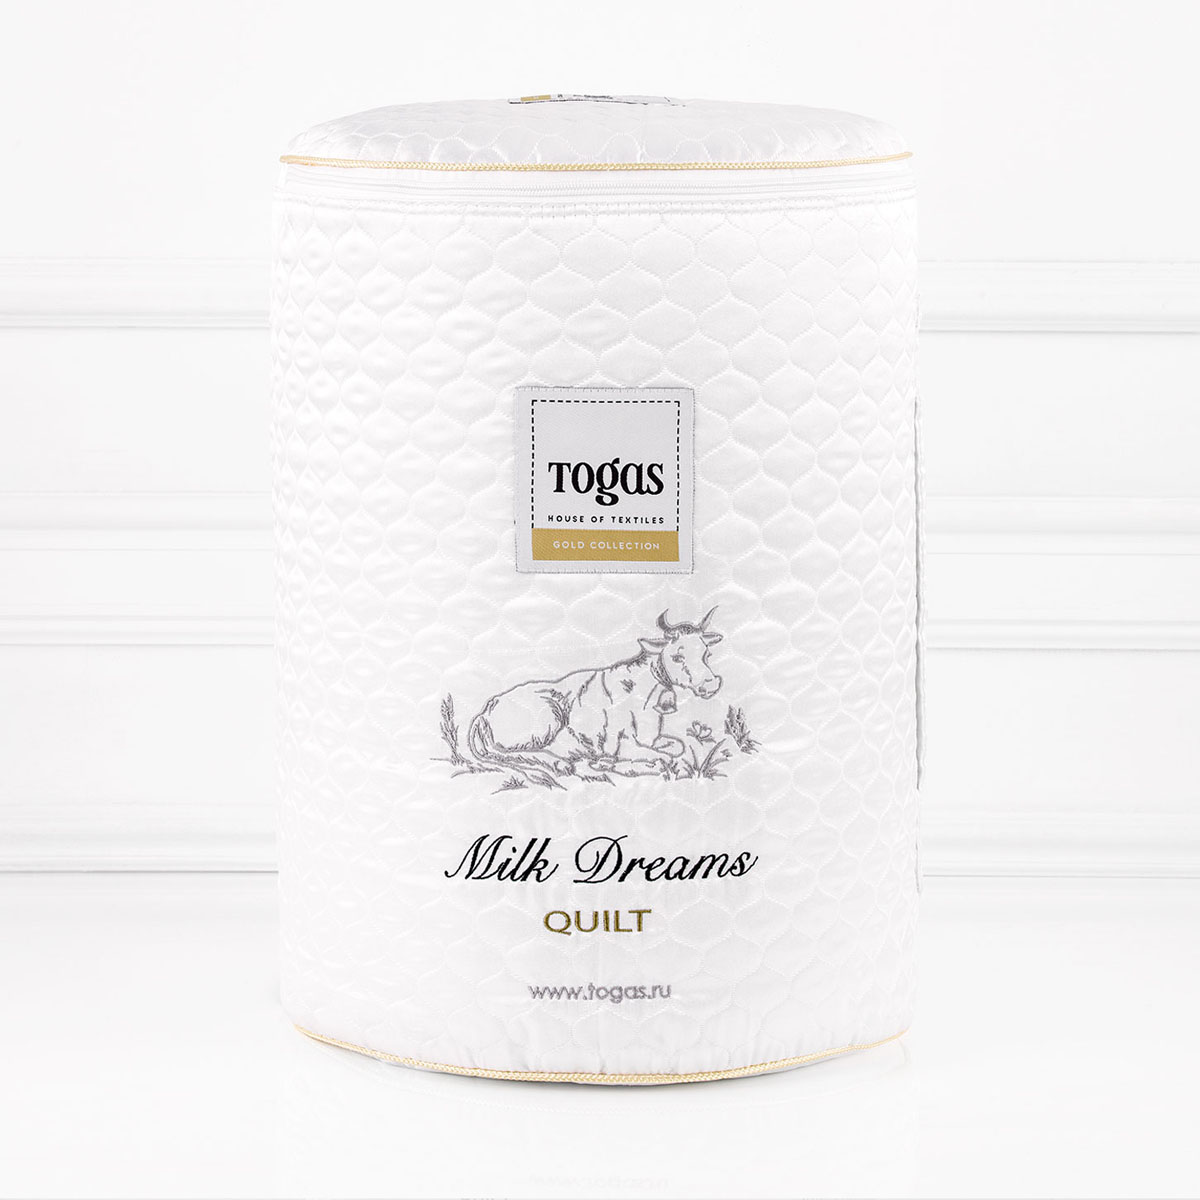 Одеяло Togas Милк дримс, наполнитель: молочное волокно, 140 х 200 см98299571Чехол одеяла Togas Милк дримс выполнен из жаккарда (100% модал). Наполнитель одеяла изготовлен из молочного волокна. Модал - материал нового поколения, появился сравнительно недавно. Несмотря на синтетическое происхождение, он считается экологически чистым, так как изготовлен из 100% древесной целлюлозы. Целлюлоза для модала используется высококачественная, чаще всего из эвкалиптового дерева, бука, сосны.Молочное волокно имеет гипоаллергенные и антибактериальные свойства. Наполнитель из молочного волокна отлично поглощает лишнюю влагу, не препятствует естественному дыханию кожи во время сна и при этом сохраняет все свои свойства после многократных стирок. Такое одеяло абсолютно натуральное и безопасное. Оно дарит всю пользу молока вашей коже, насыщая ее во время сна аминокислотами, микроэлементами и оказывая на нее естественно увлажняющее и стимулирующее кровообращение действие.